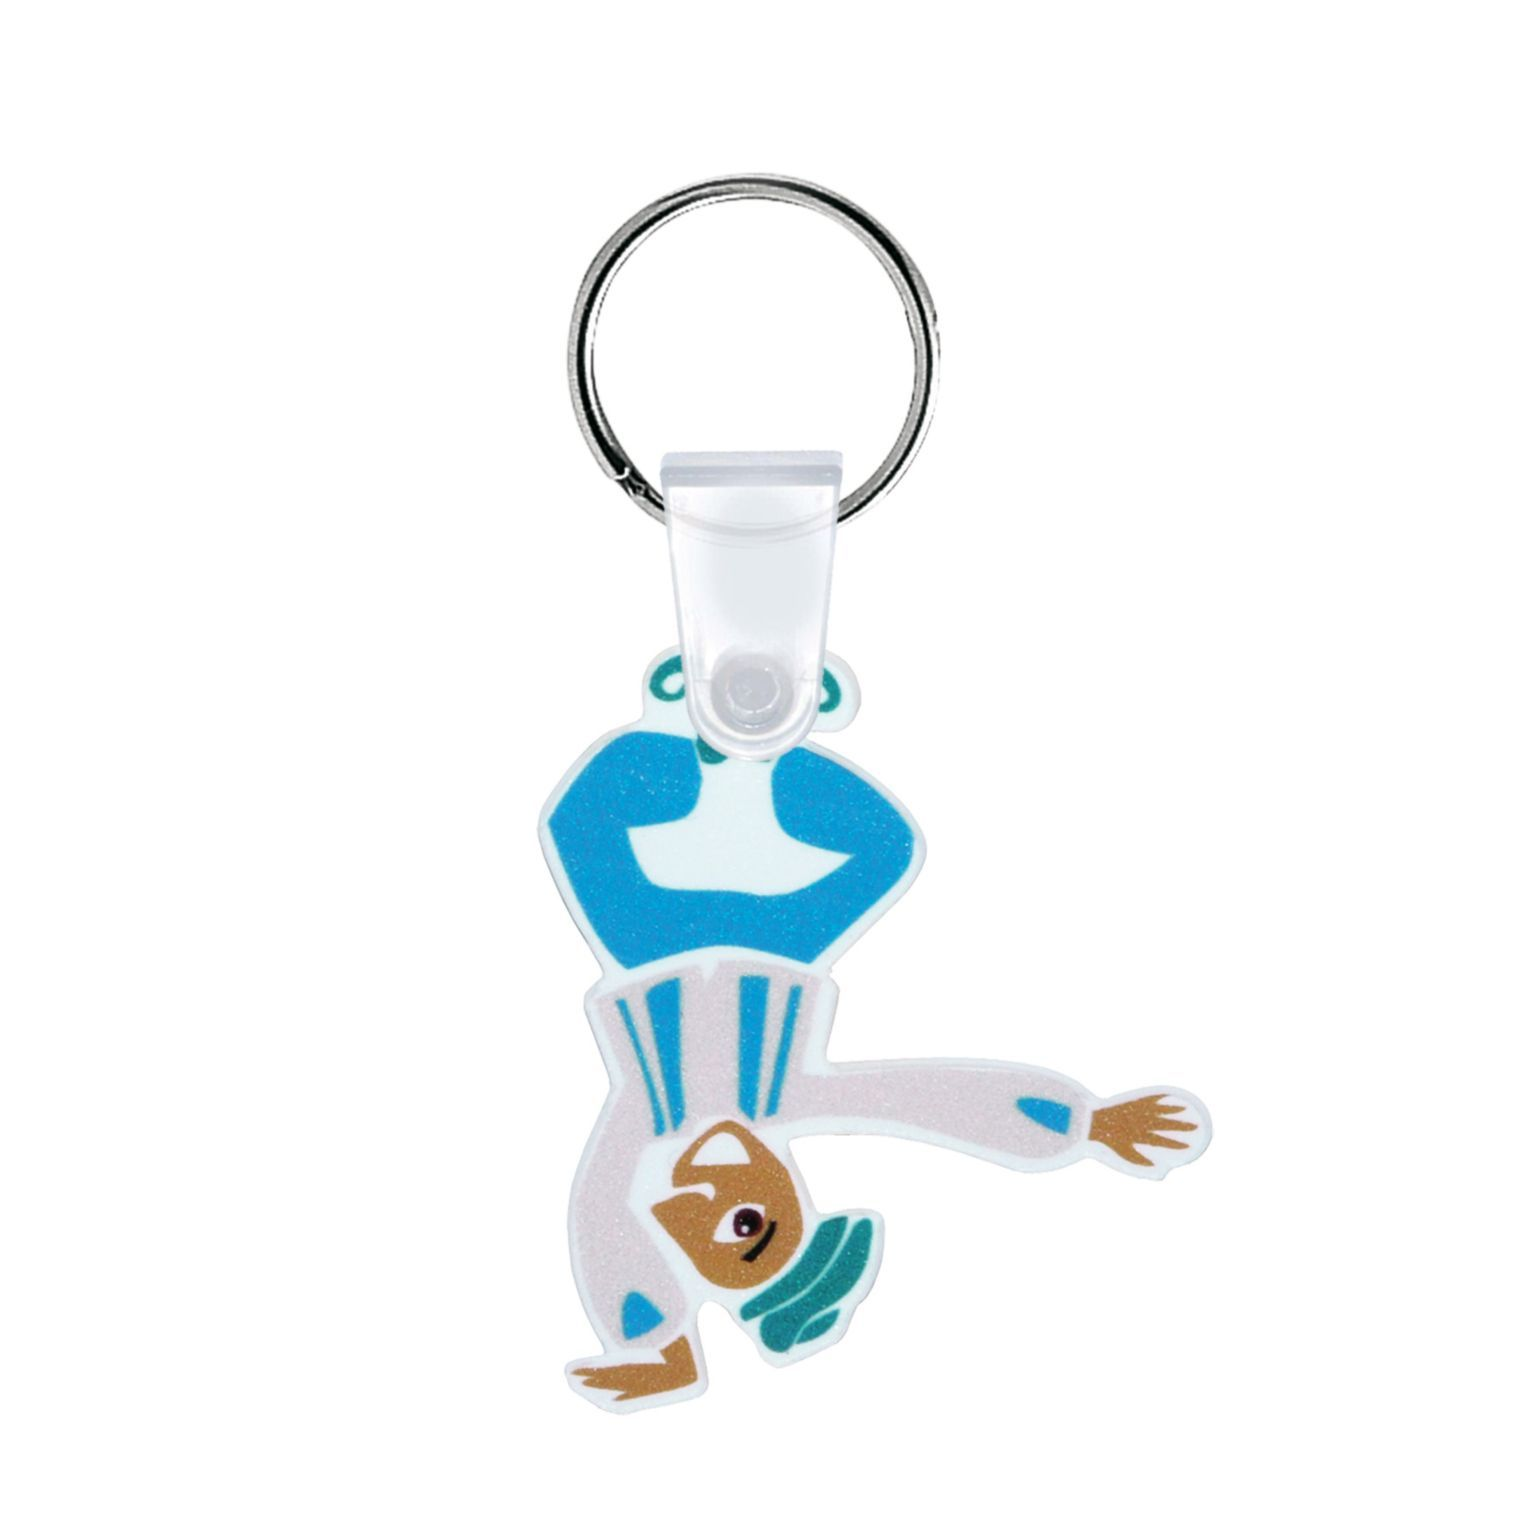 Porte-clés personnalisés de 0 à 20 cm2.